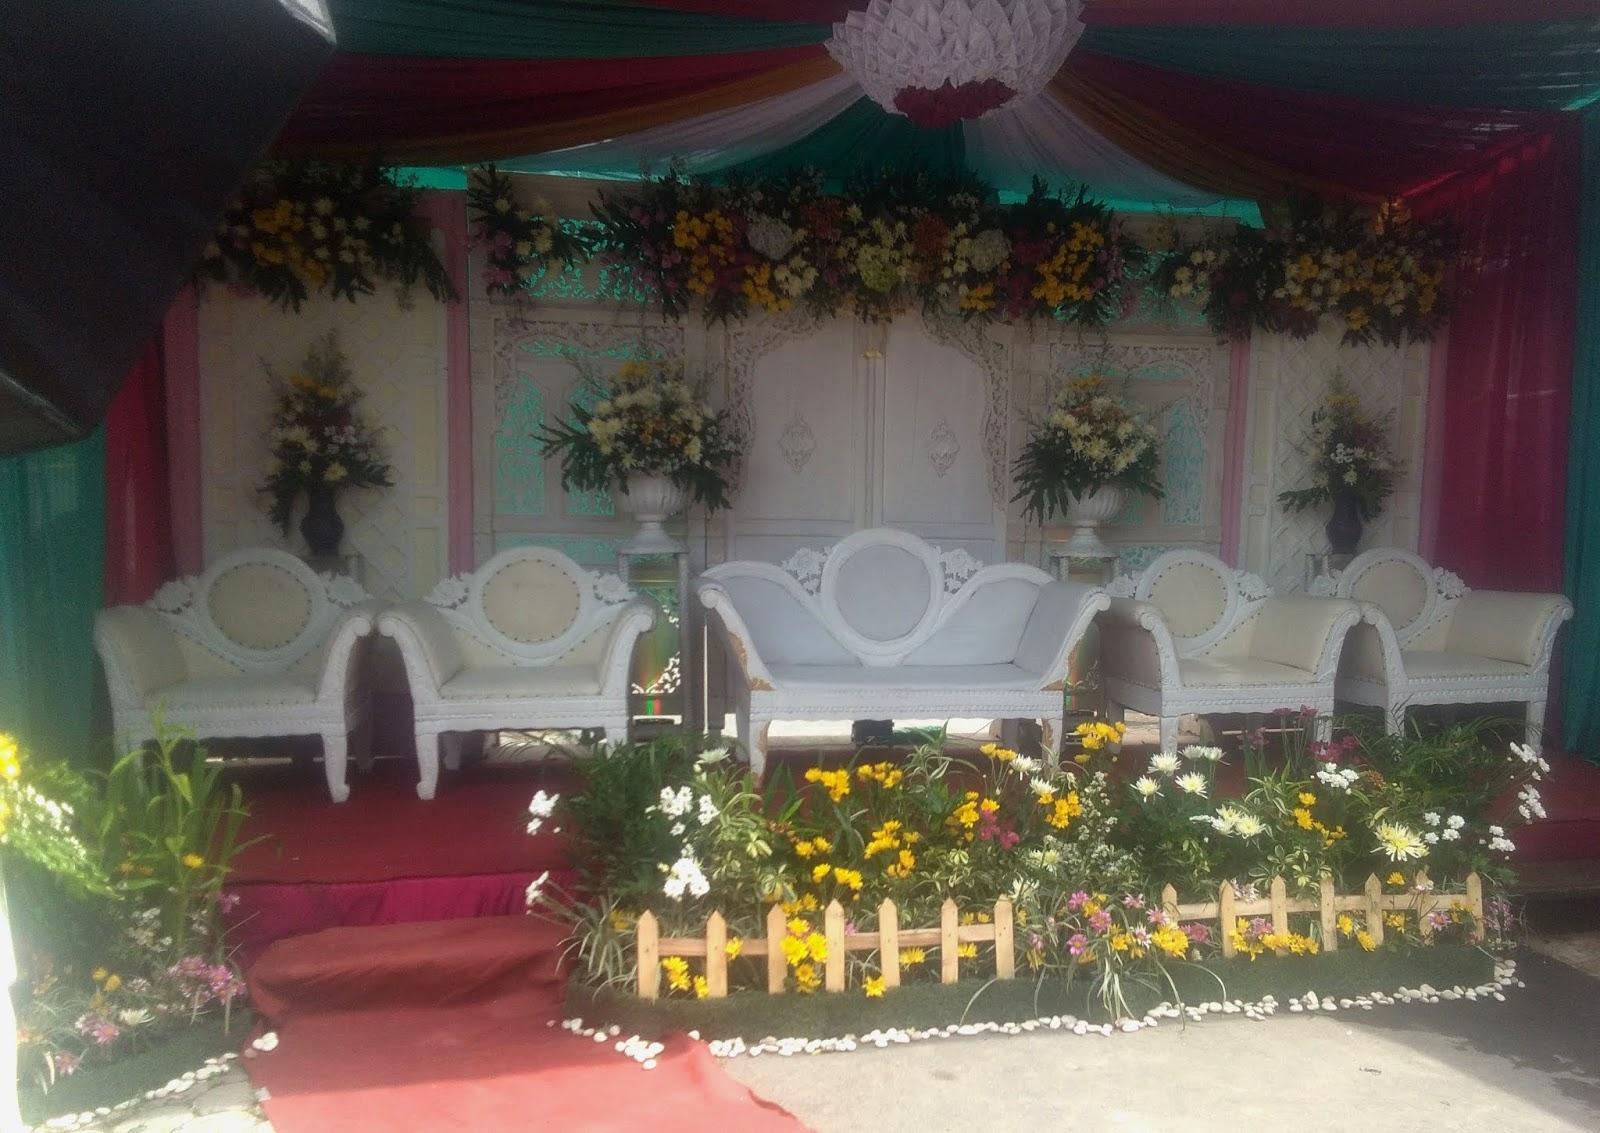 Paket Dekorasi Pernikahan Sederhana Di Wilayah Sleman